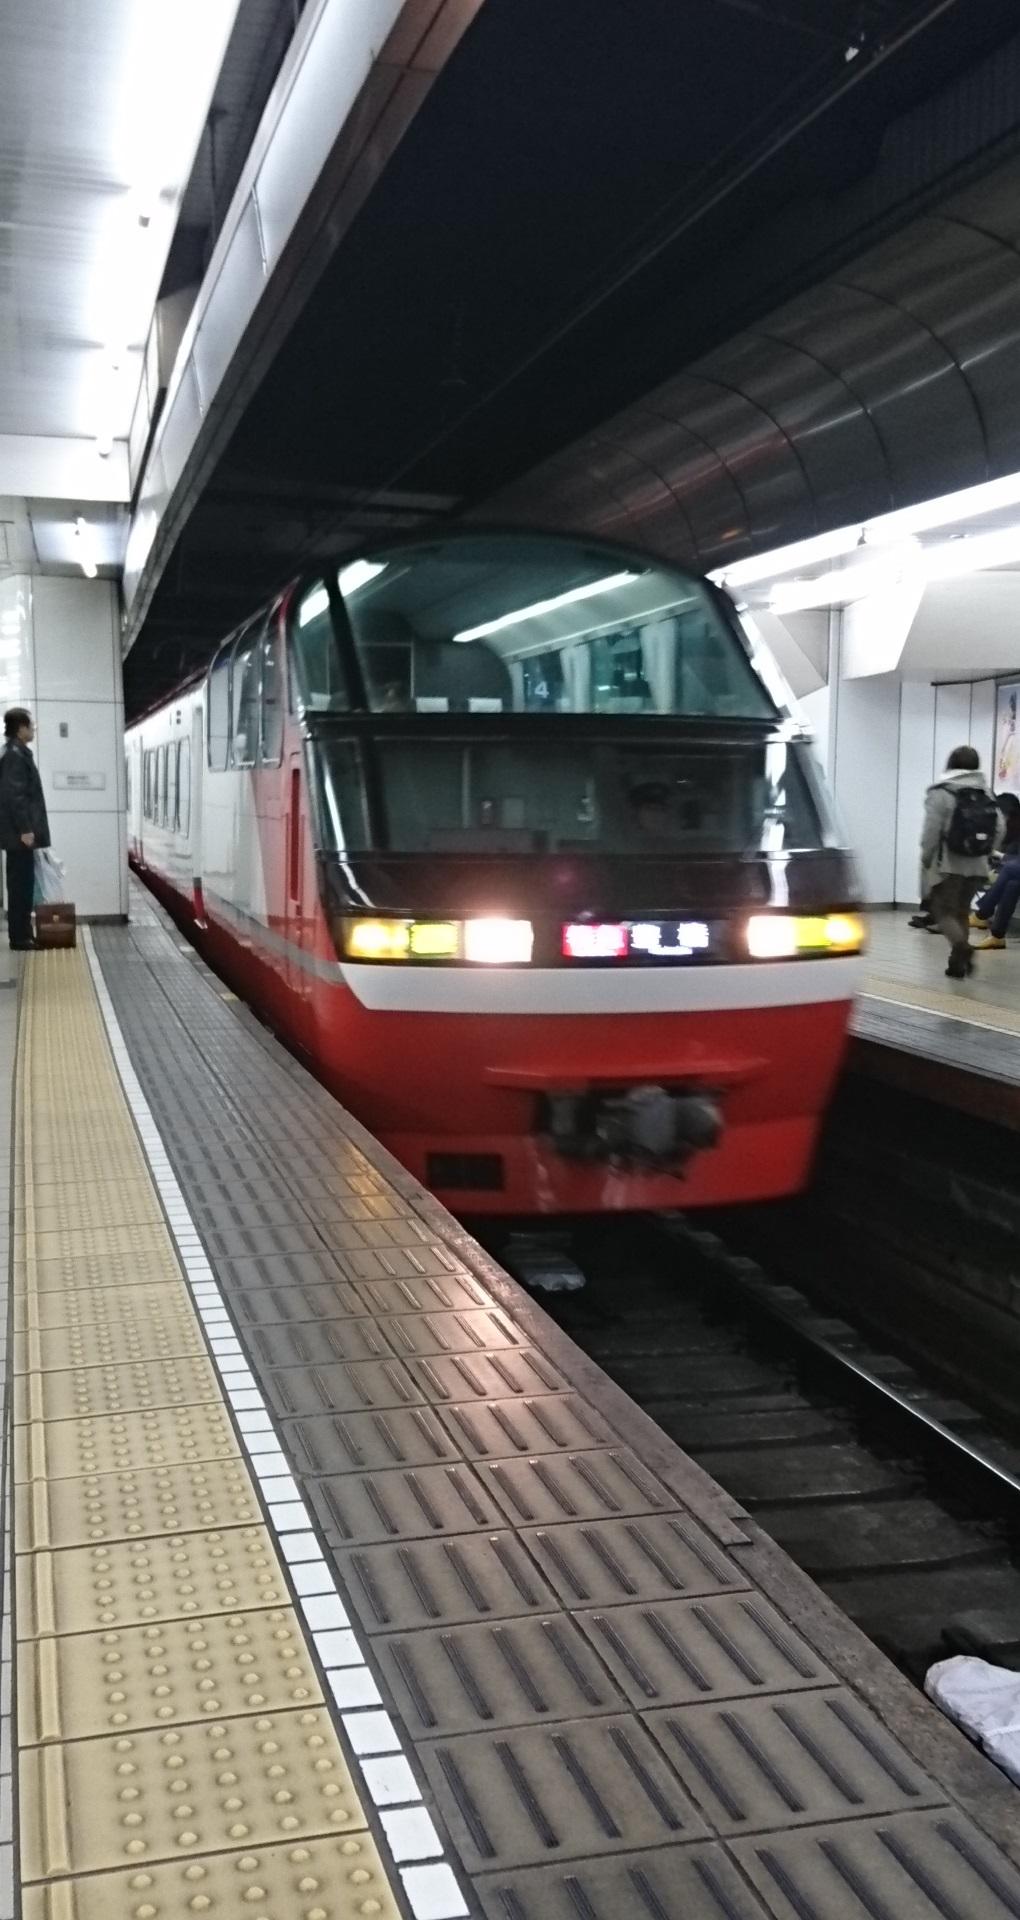 2017.12.26 (11) 19:03 名古屋 - 豊橋いき特急 1020-1920